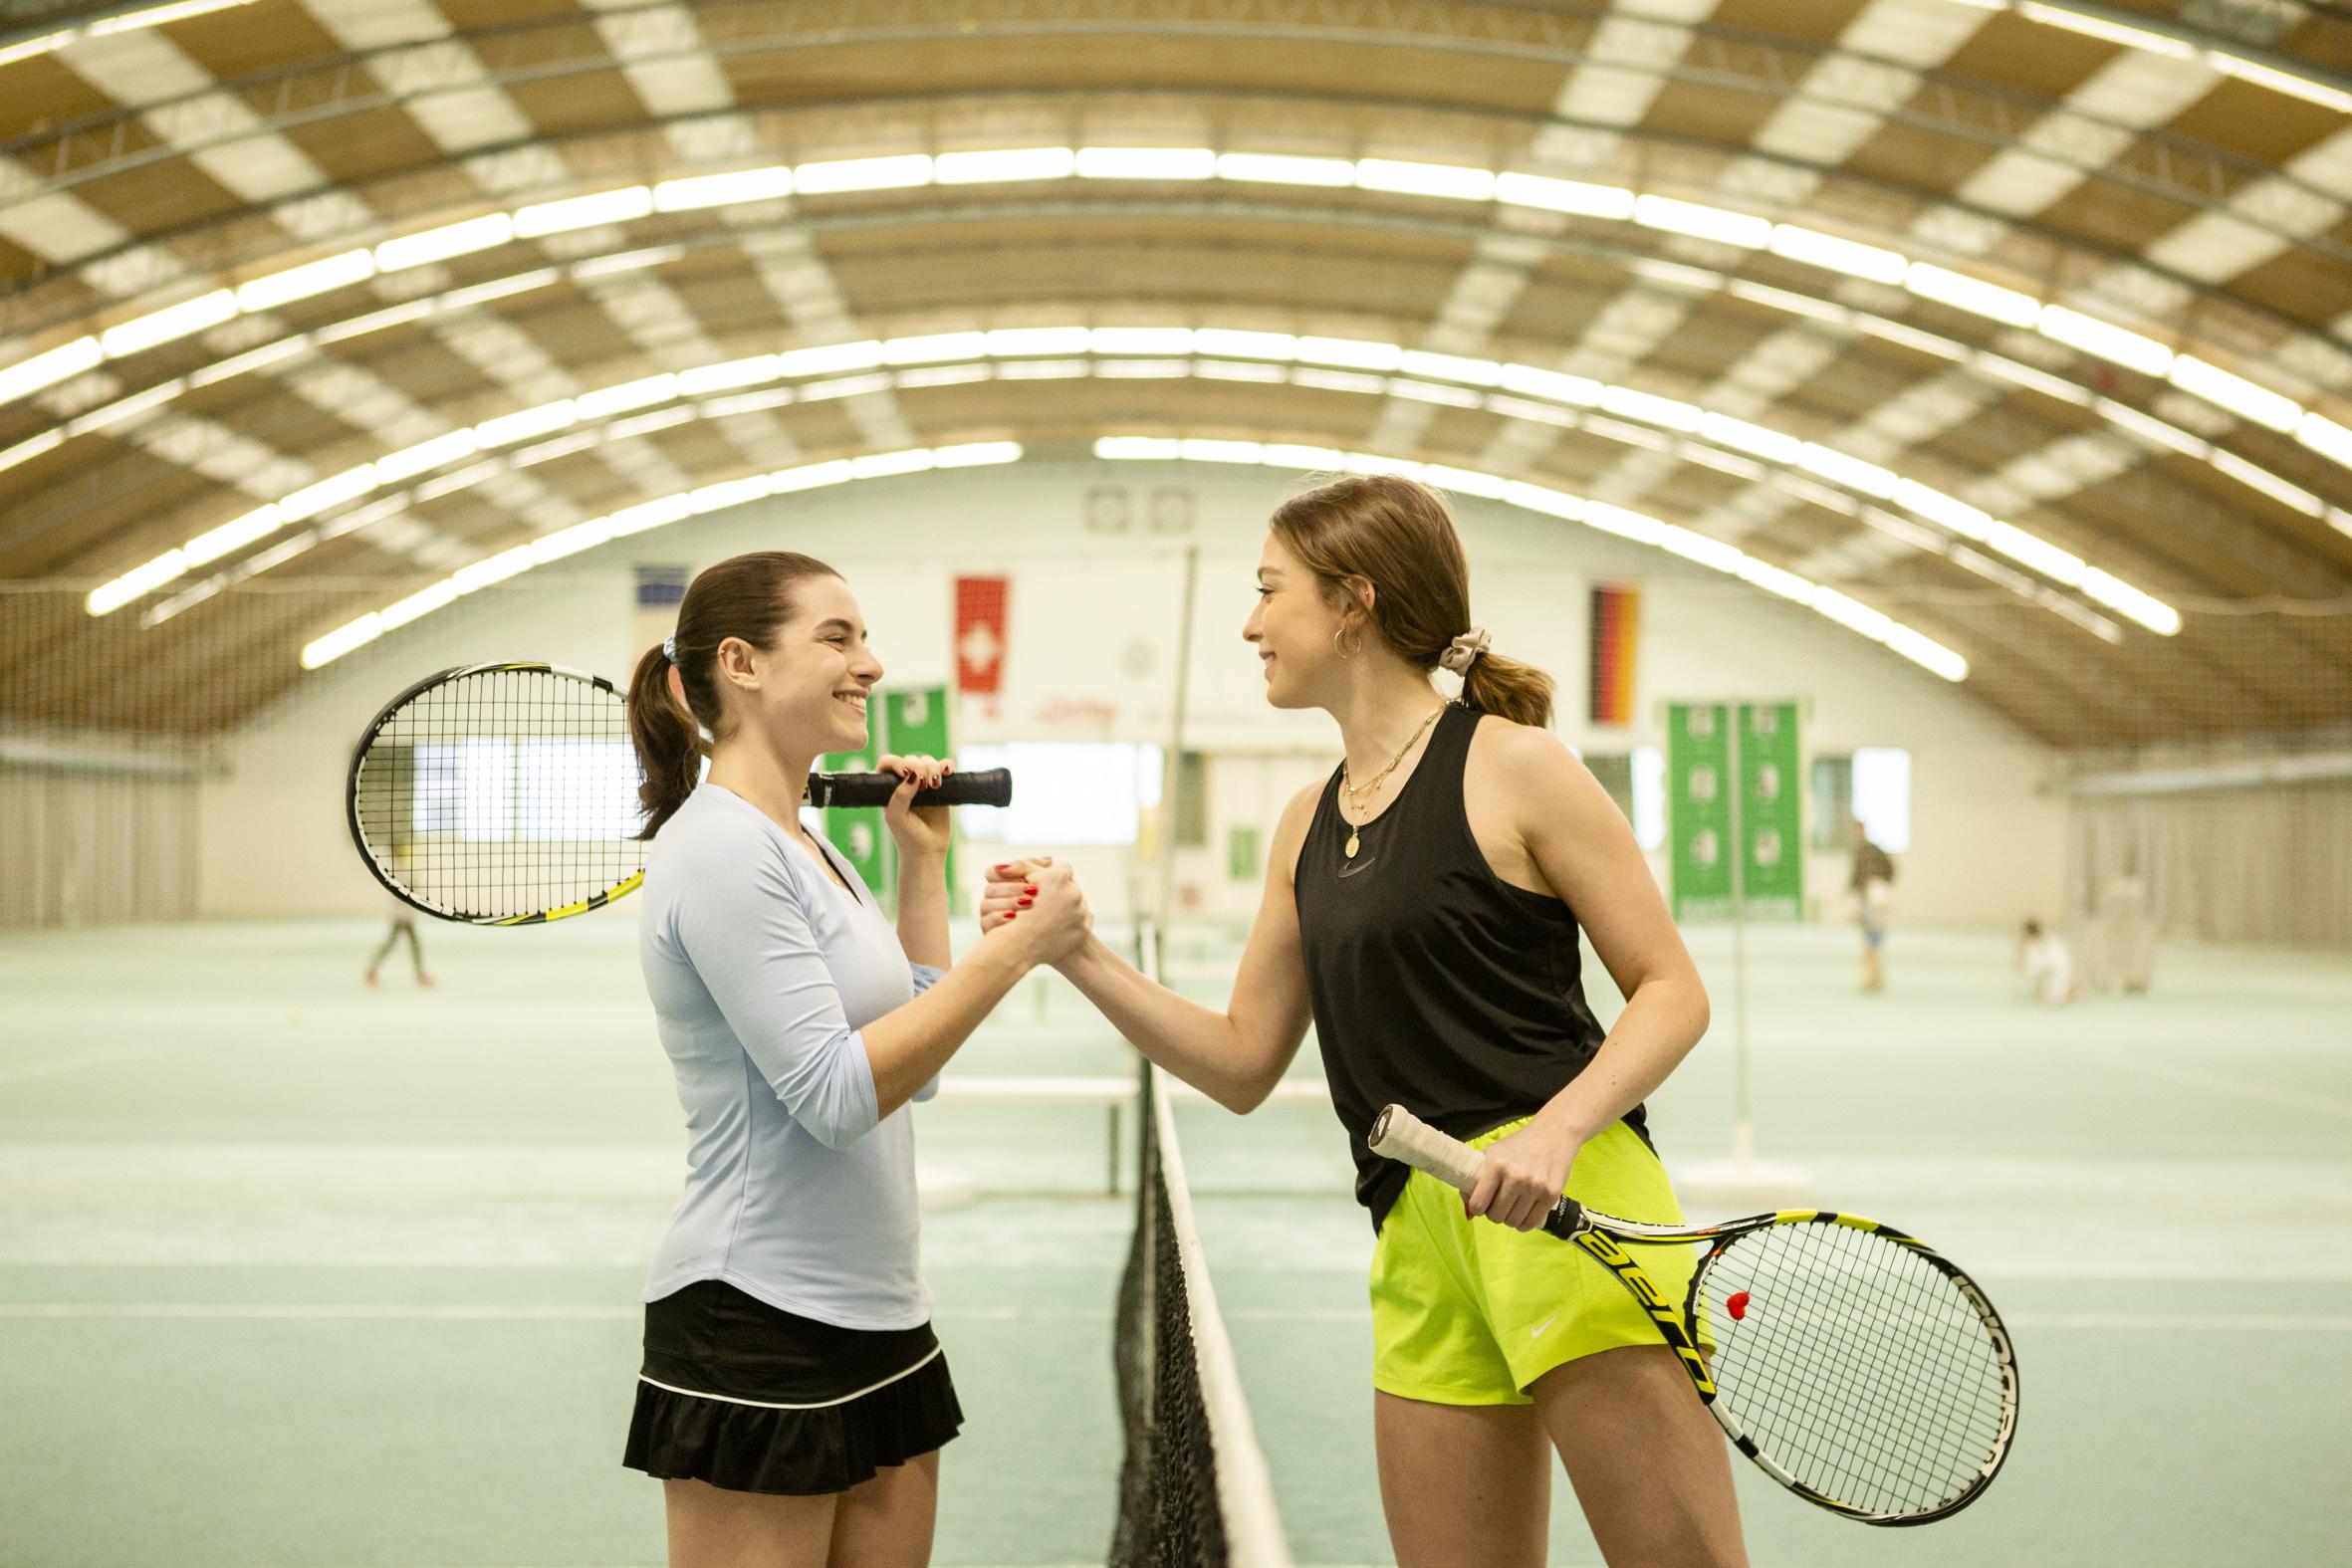 Tennis spielen - Ballsportarena Grenzach